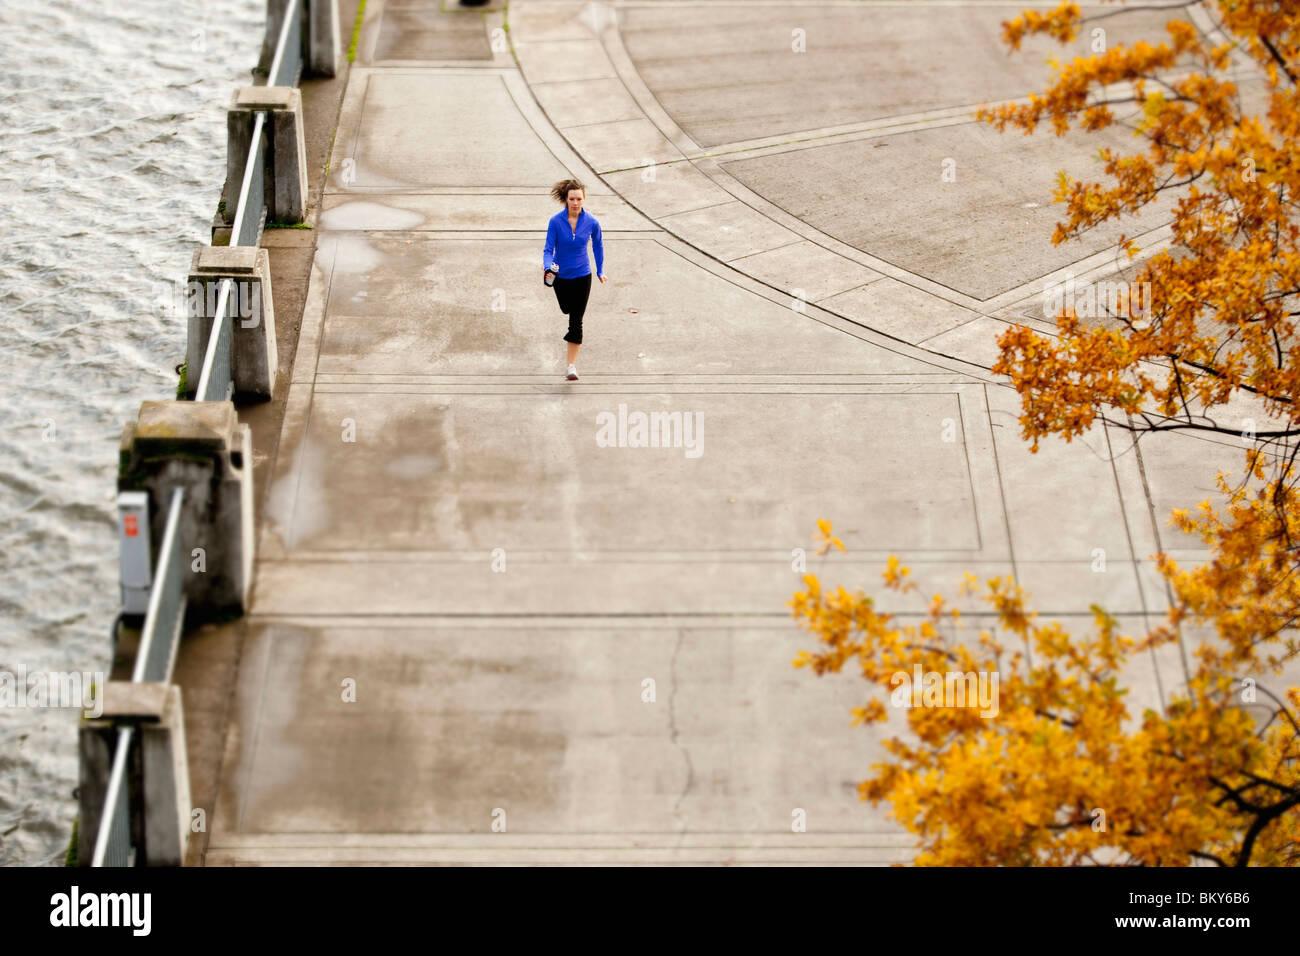 Una preparazione atletica femmina in una giacca blu jogging lungo il Portland, Oregon waterfront. Immagini Stock